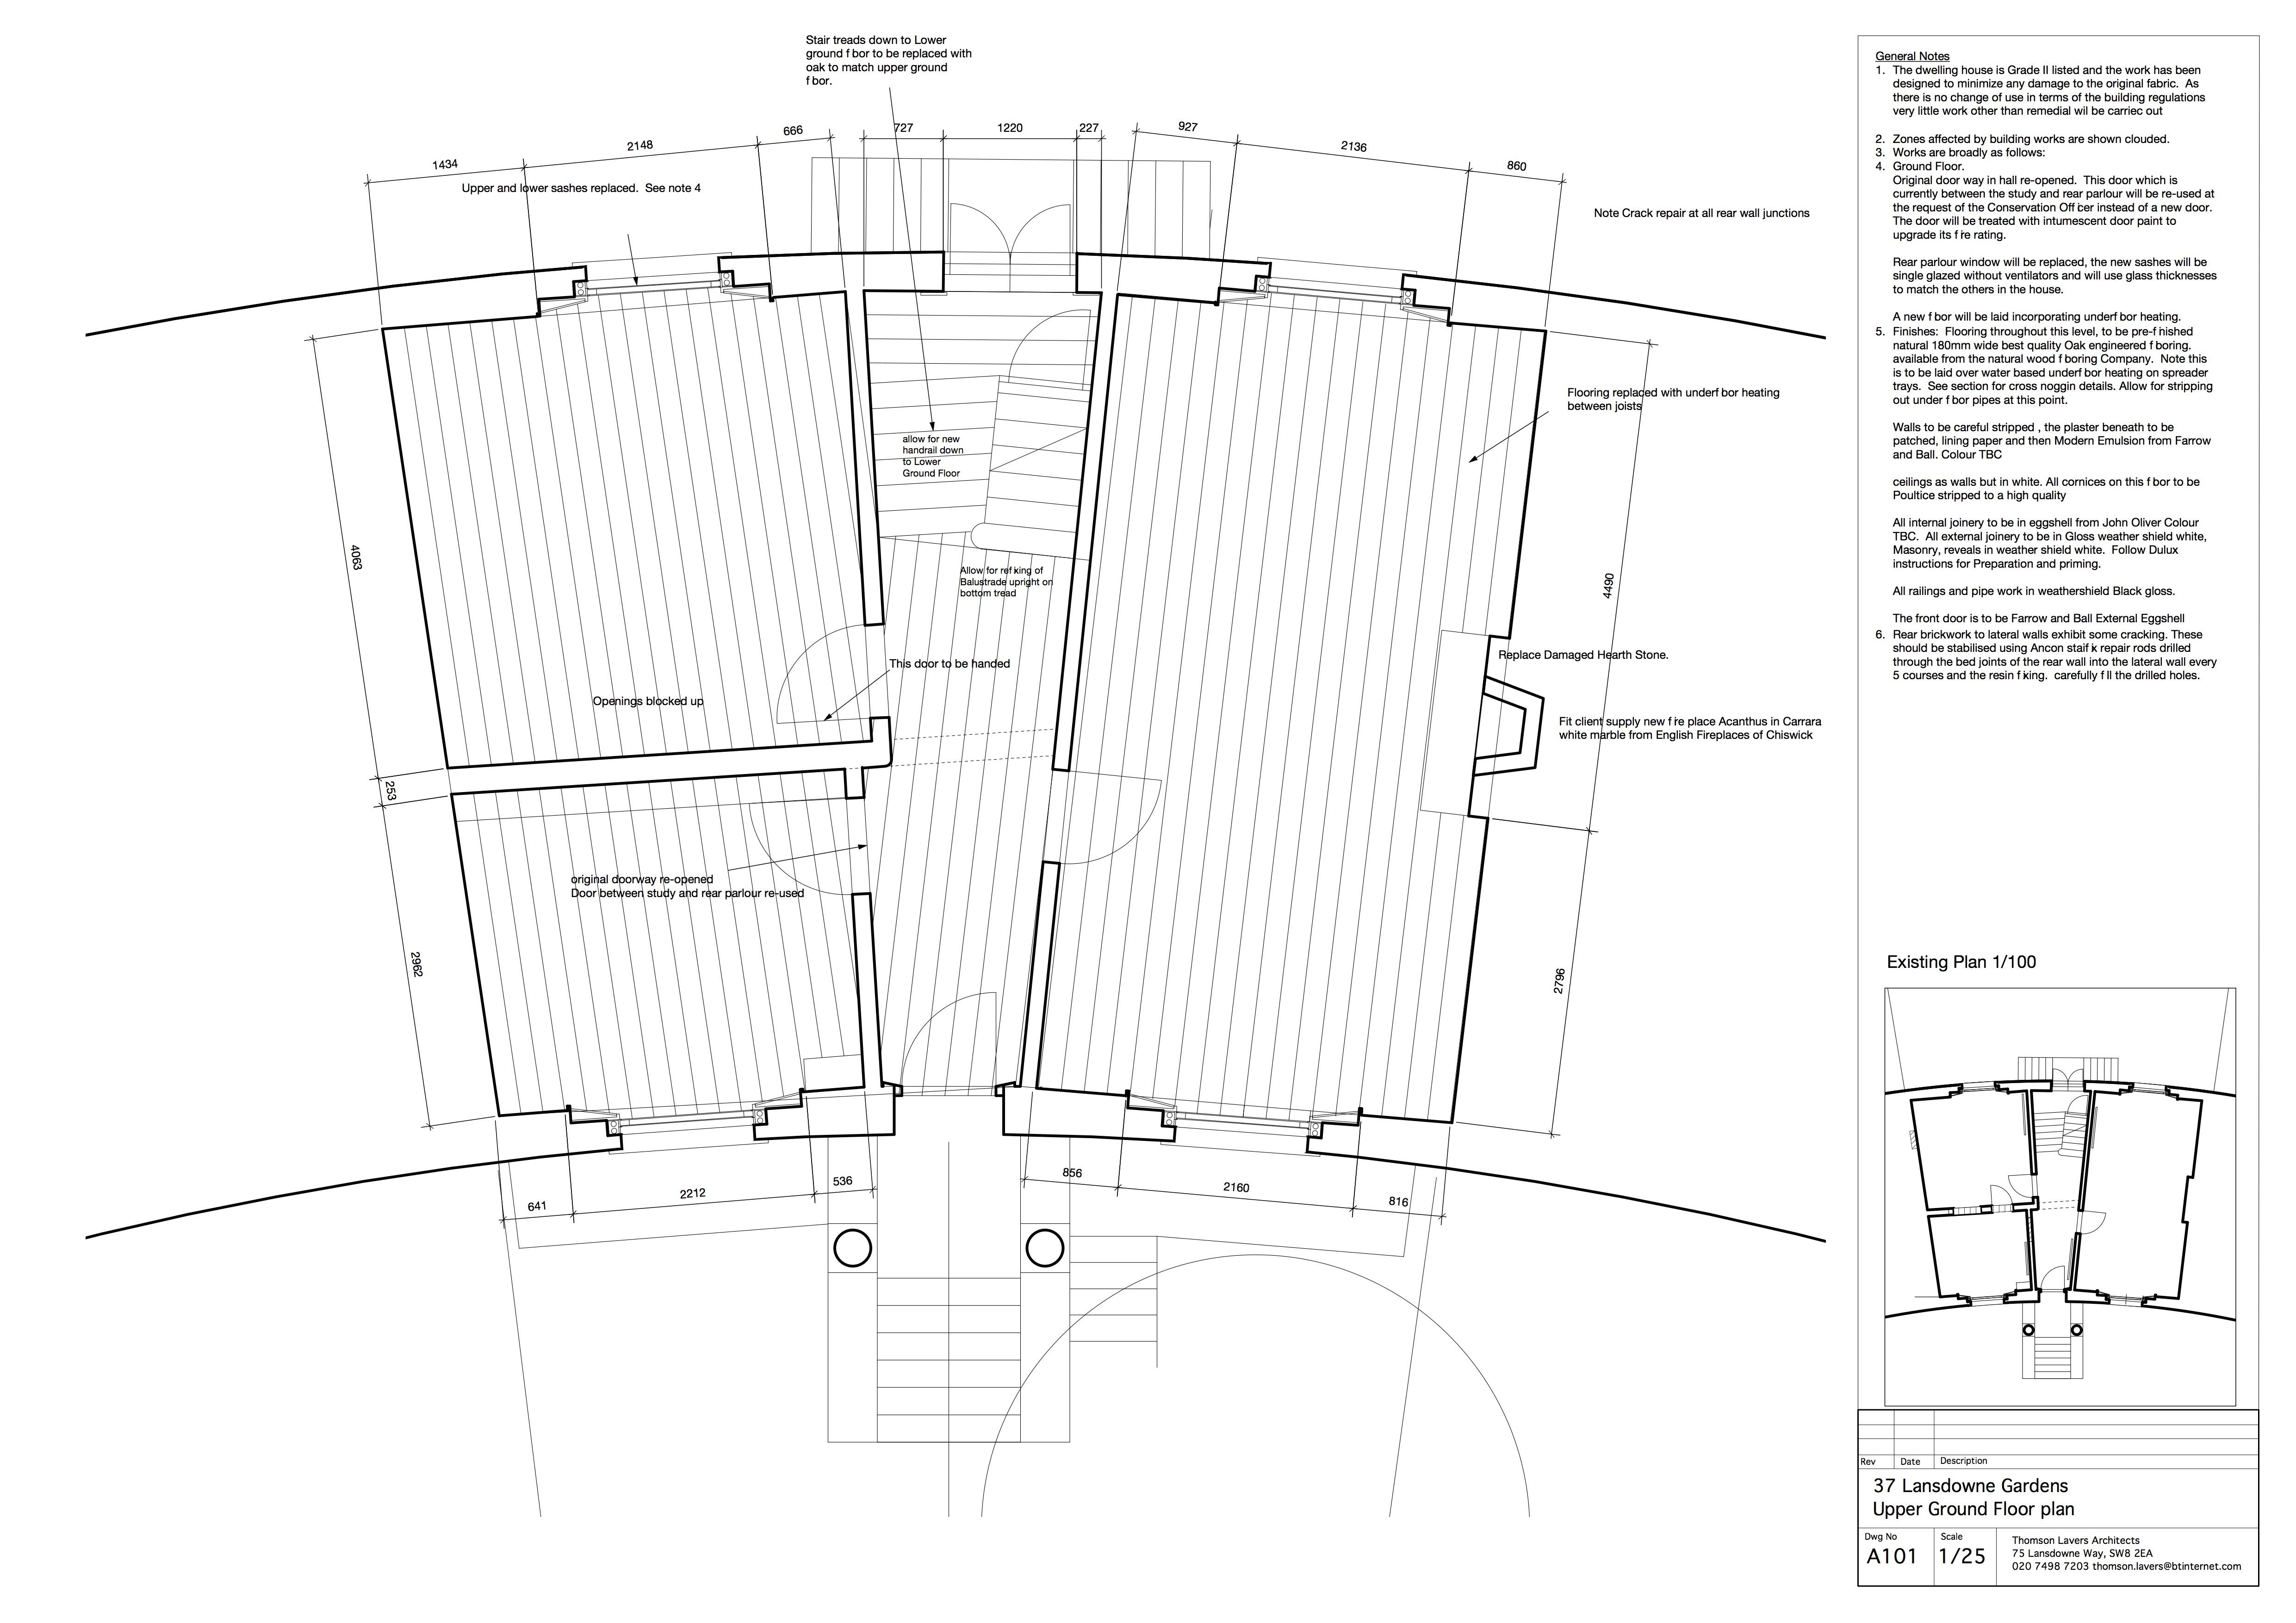 Lansdowne gardens plan